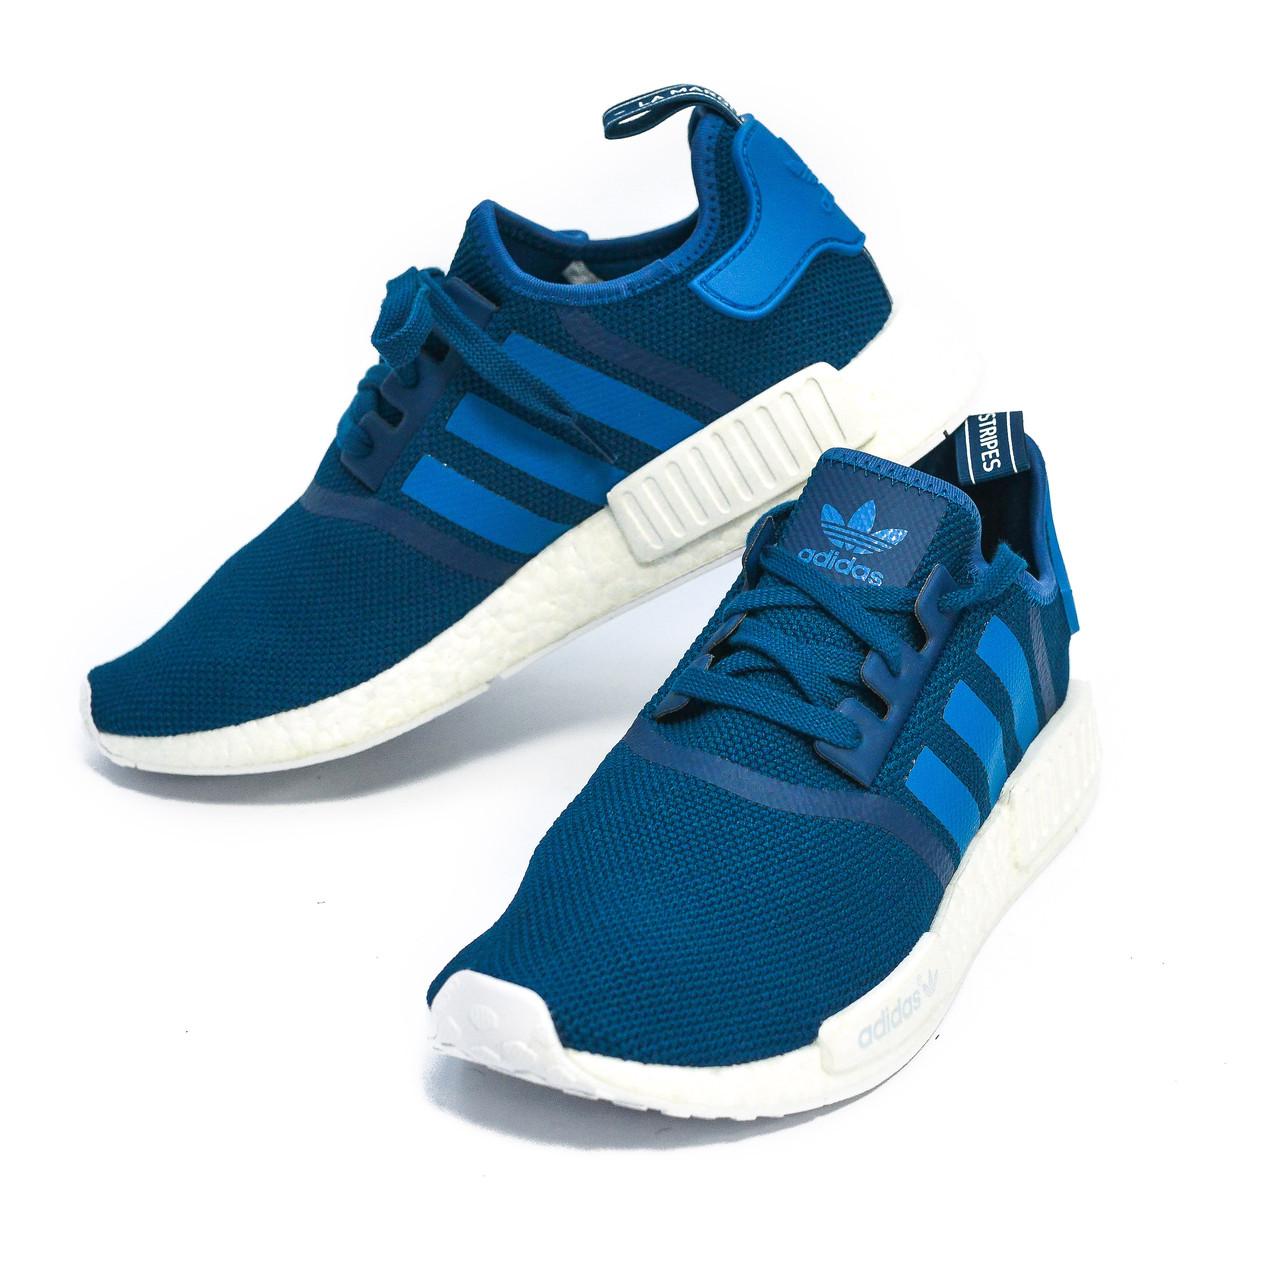 Оригинальные мужские кроссовки Adidas NMD_R1